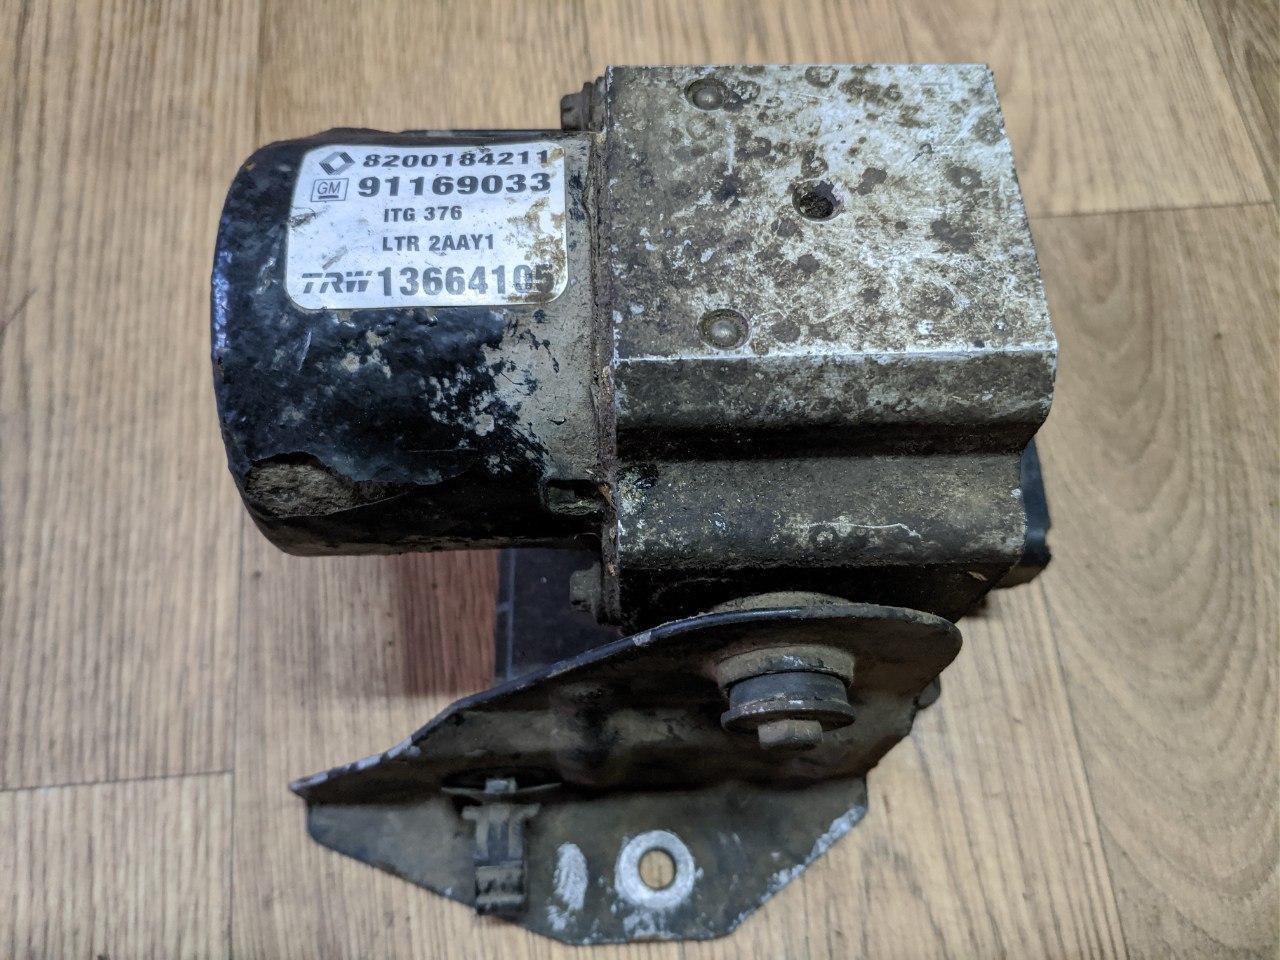 Блок ABS Renault Trafic, Opel Vivaro 2001-2014, 8200184211 (Б/У)